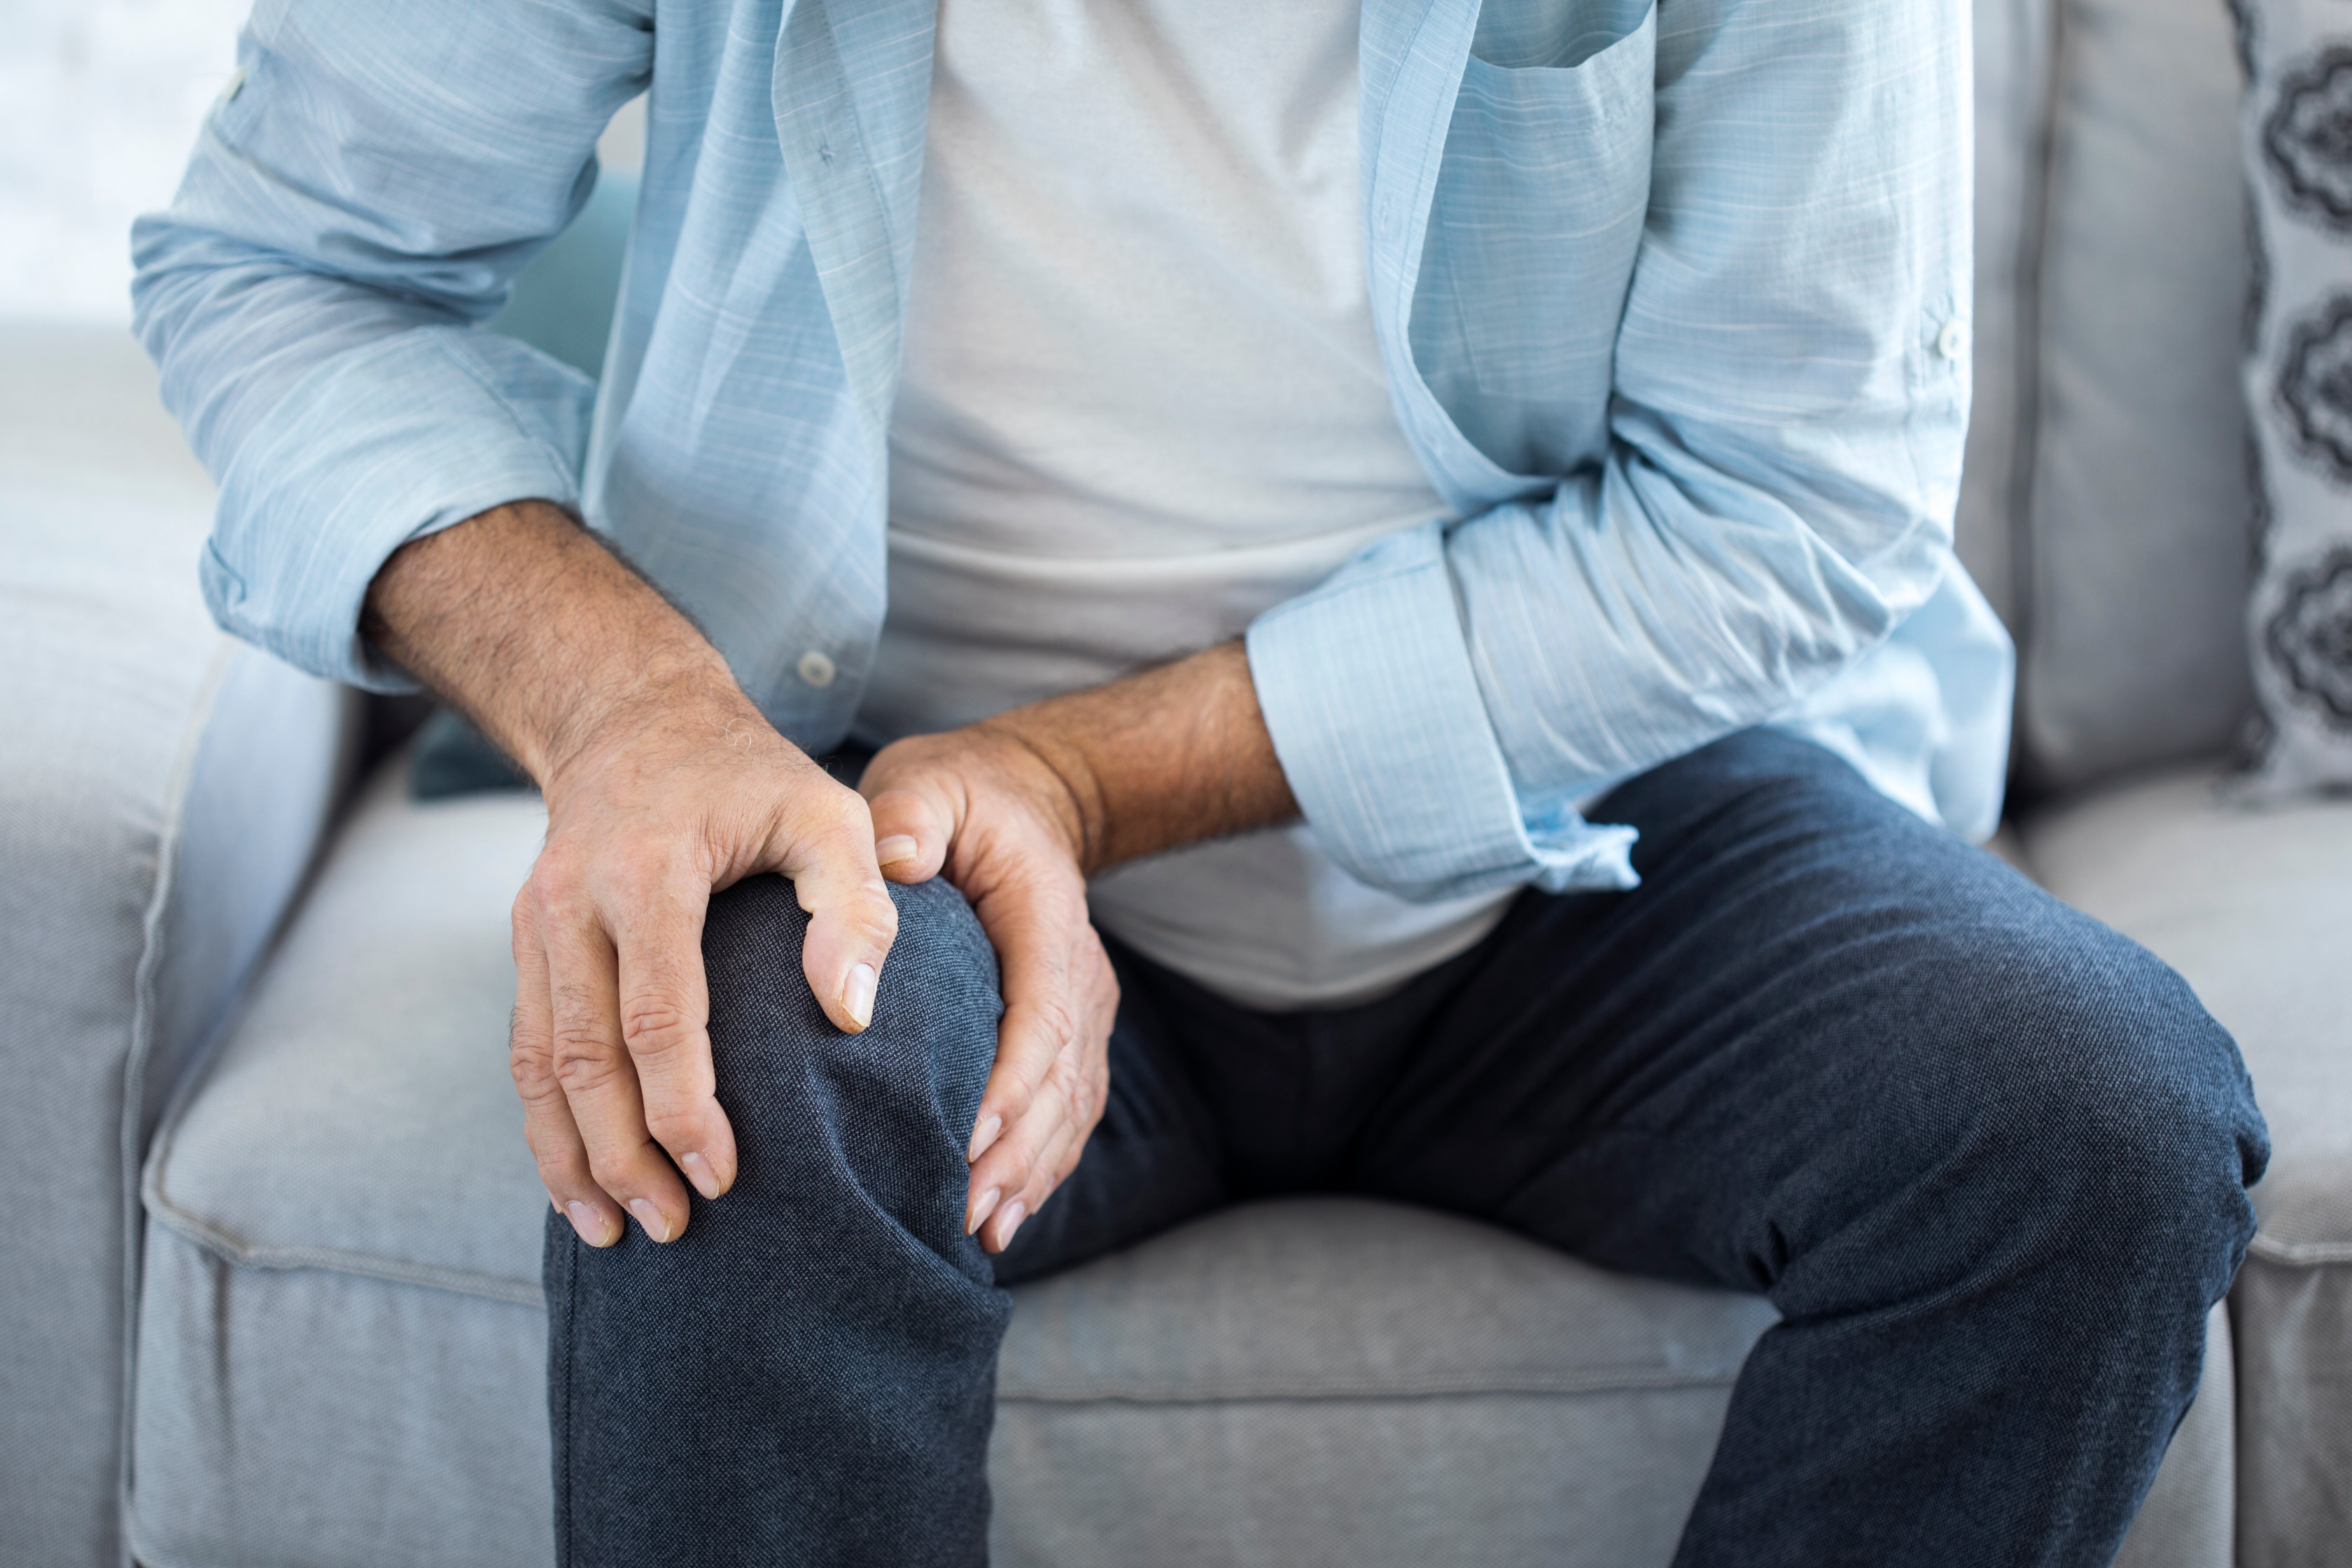 A szájzár okai, tünetei, otthoni kezelése, illetve feloldása és megszüntetése a rendelőben